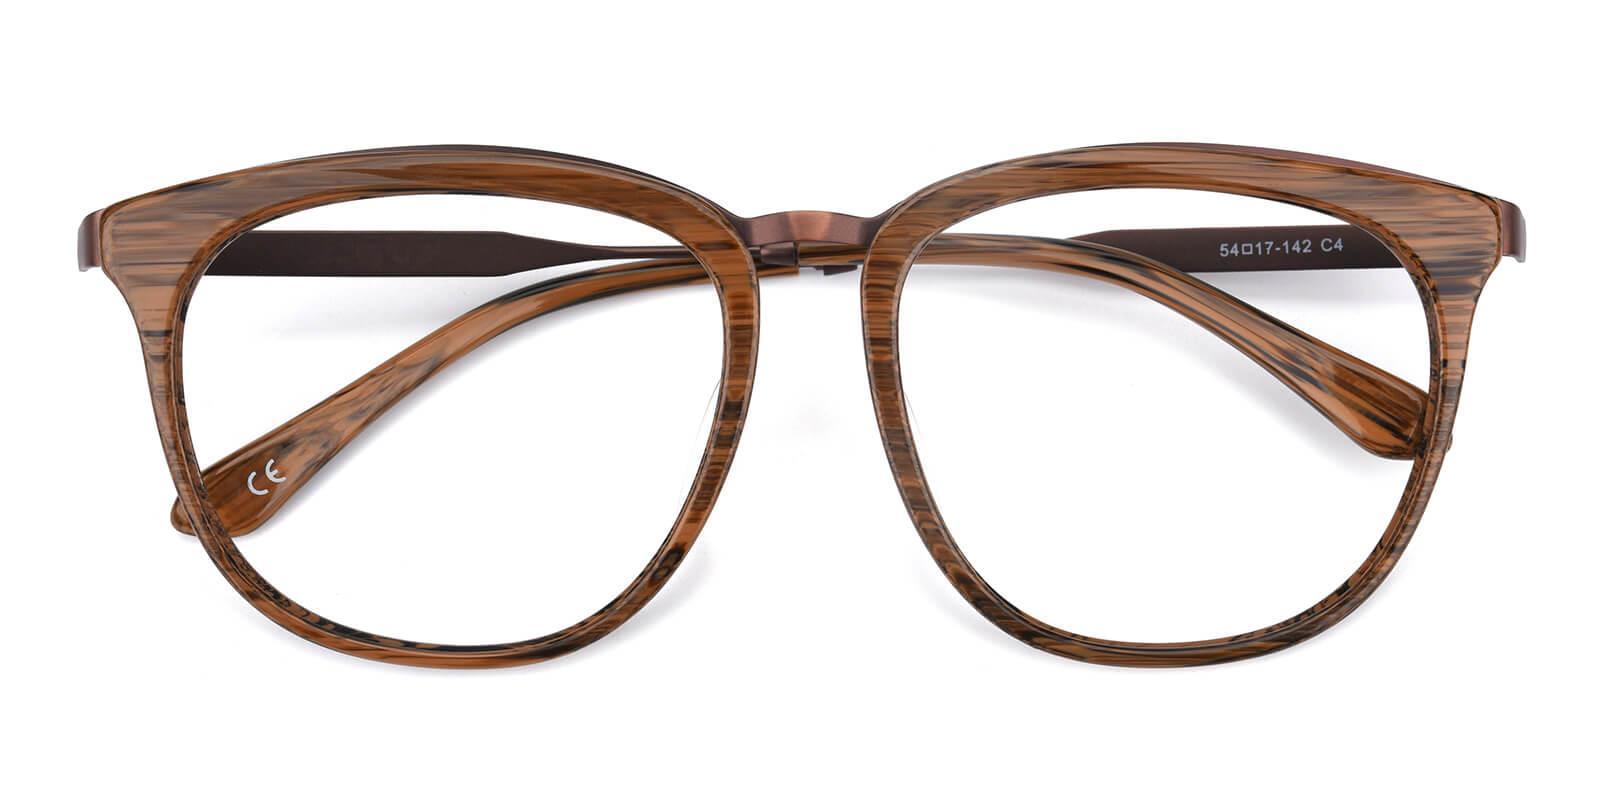 Grain-Brown-Square-Acetate / Metal-Eyeglasses-detail